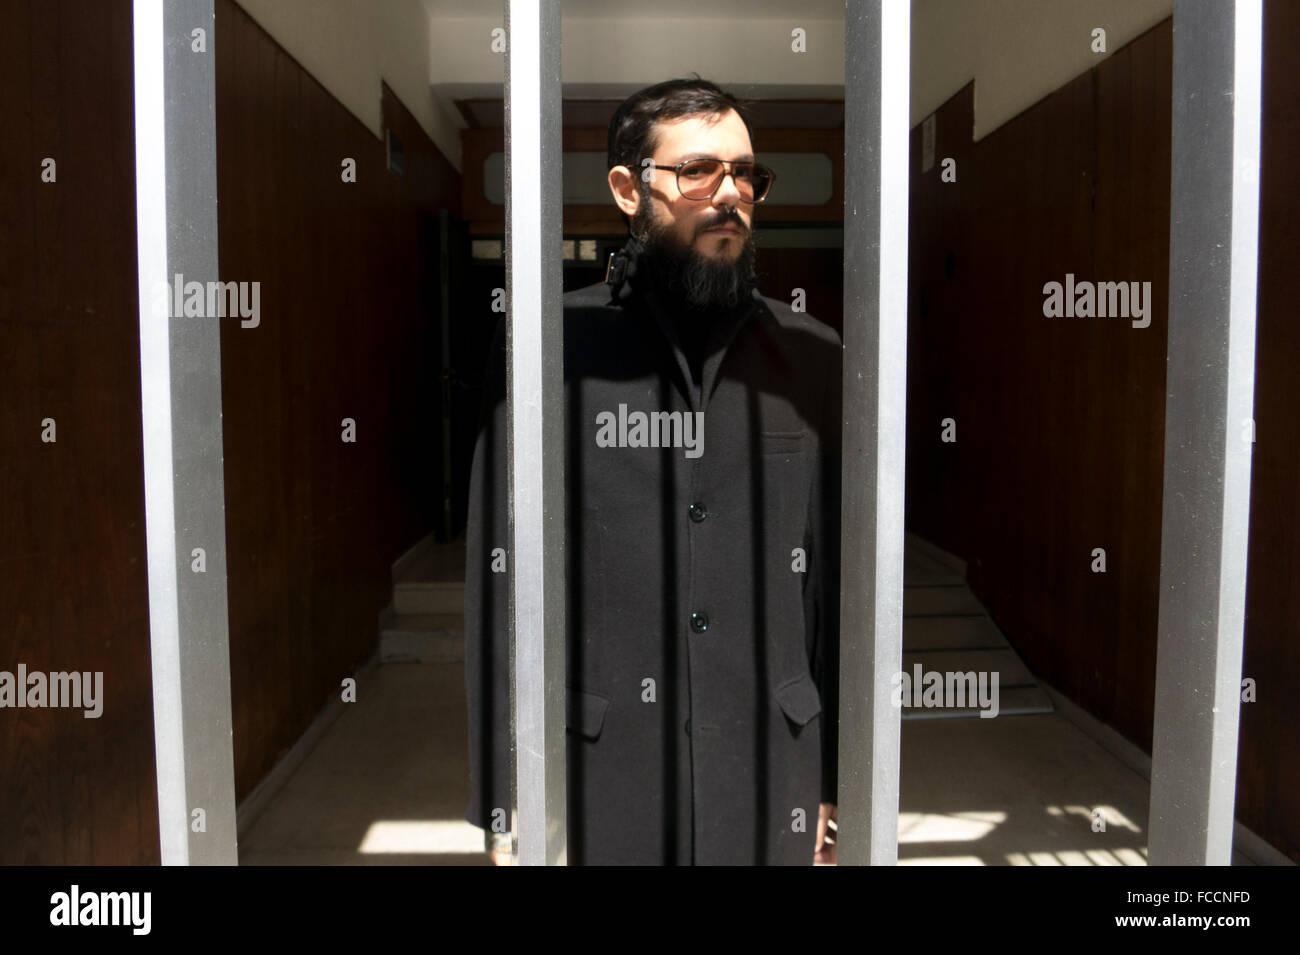 Portrait Of Man Standing In Building Seen Through Window - Stock Image